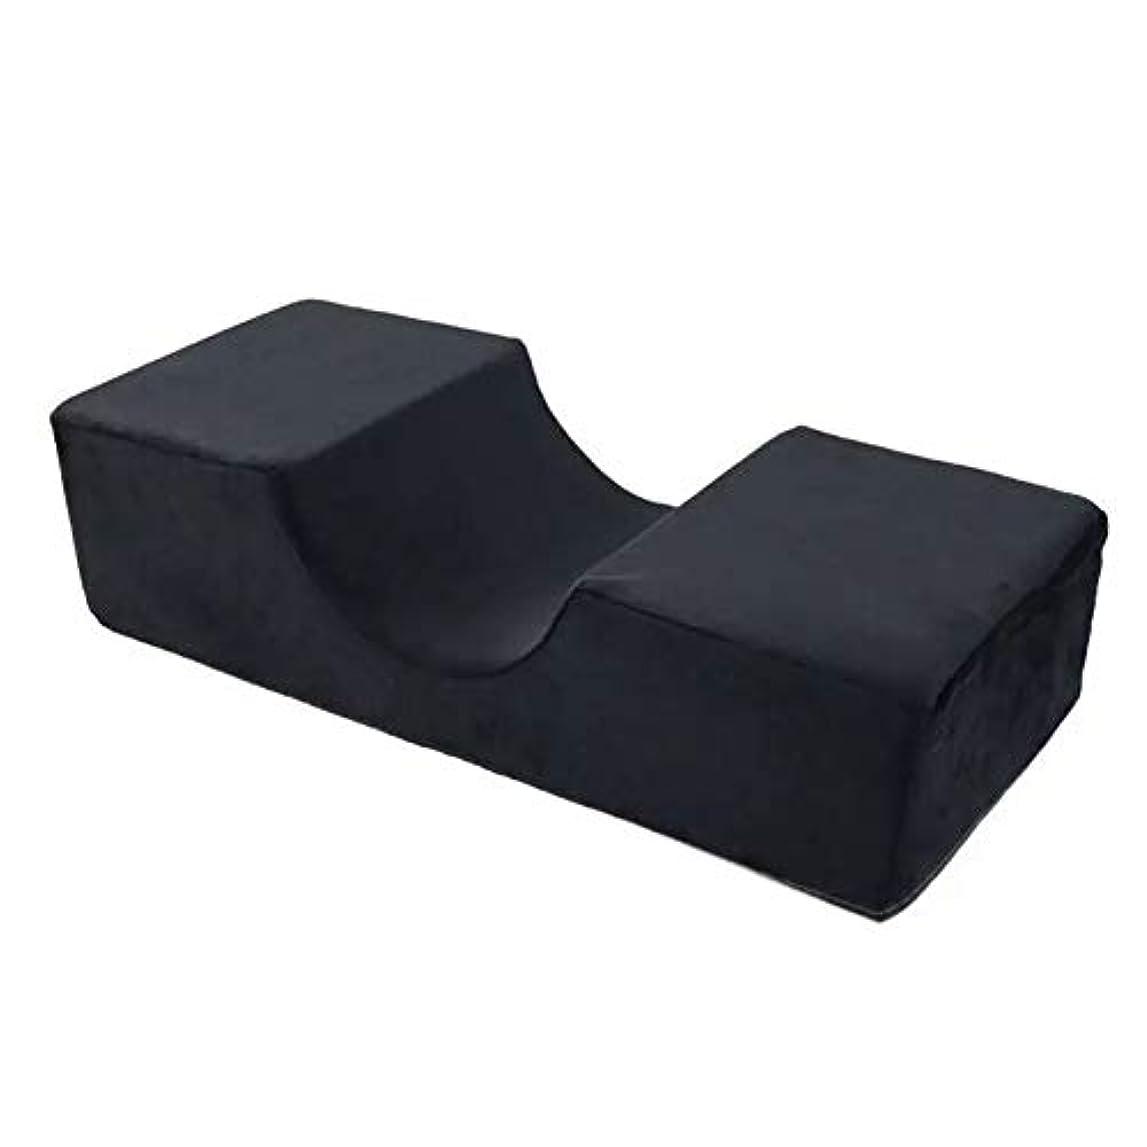 樫の木遊び場裁量まつげ枕シンプルツールサロン使用ネックフランネルエイドエクステンションカーブスタンドサポート特別なグラフトプロフェッショナルメモリフォーム人間工学に基づいた